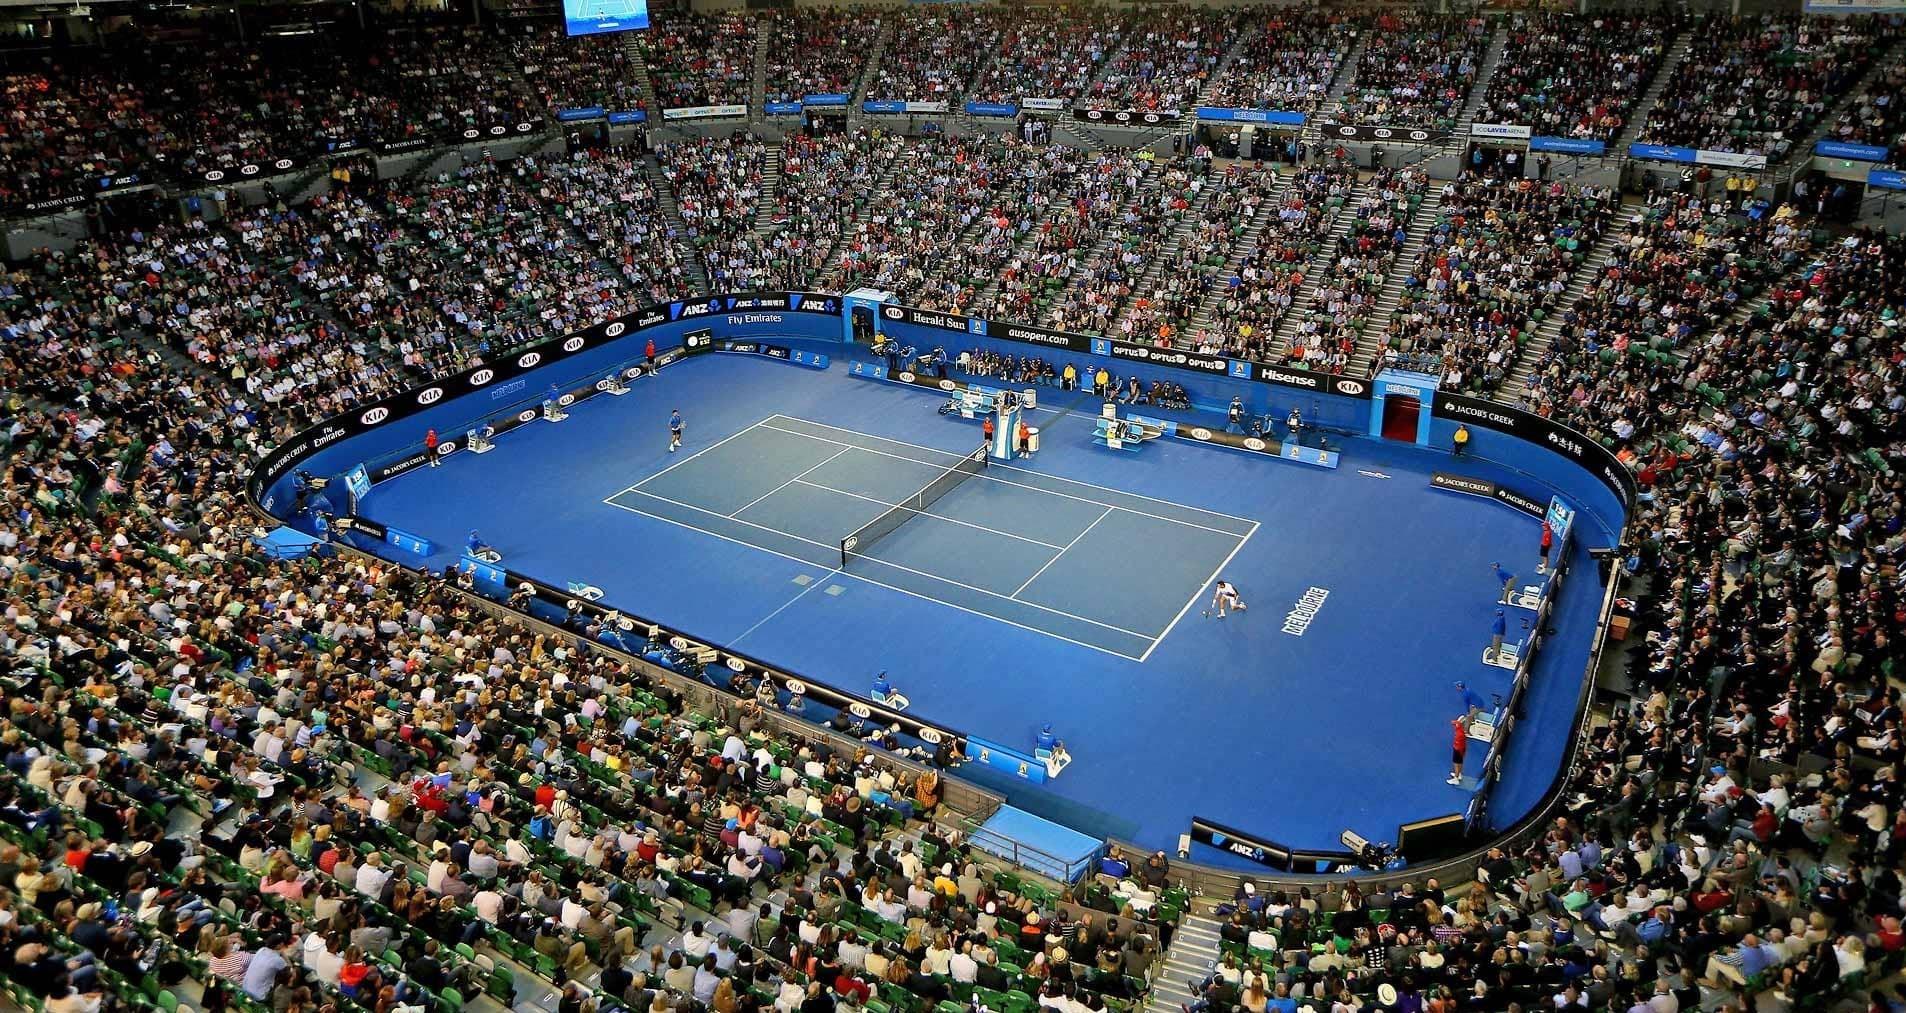 من المقرّر أن تنطلق البطولة بموعدها الجديد في الثامن من شباط/ فبراير المقبل